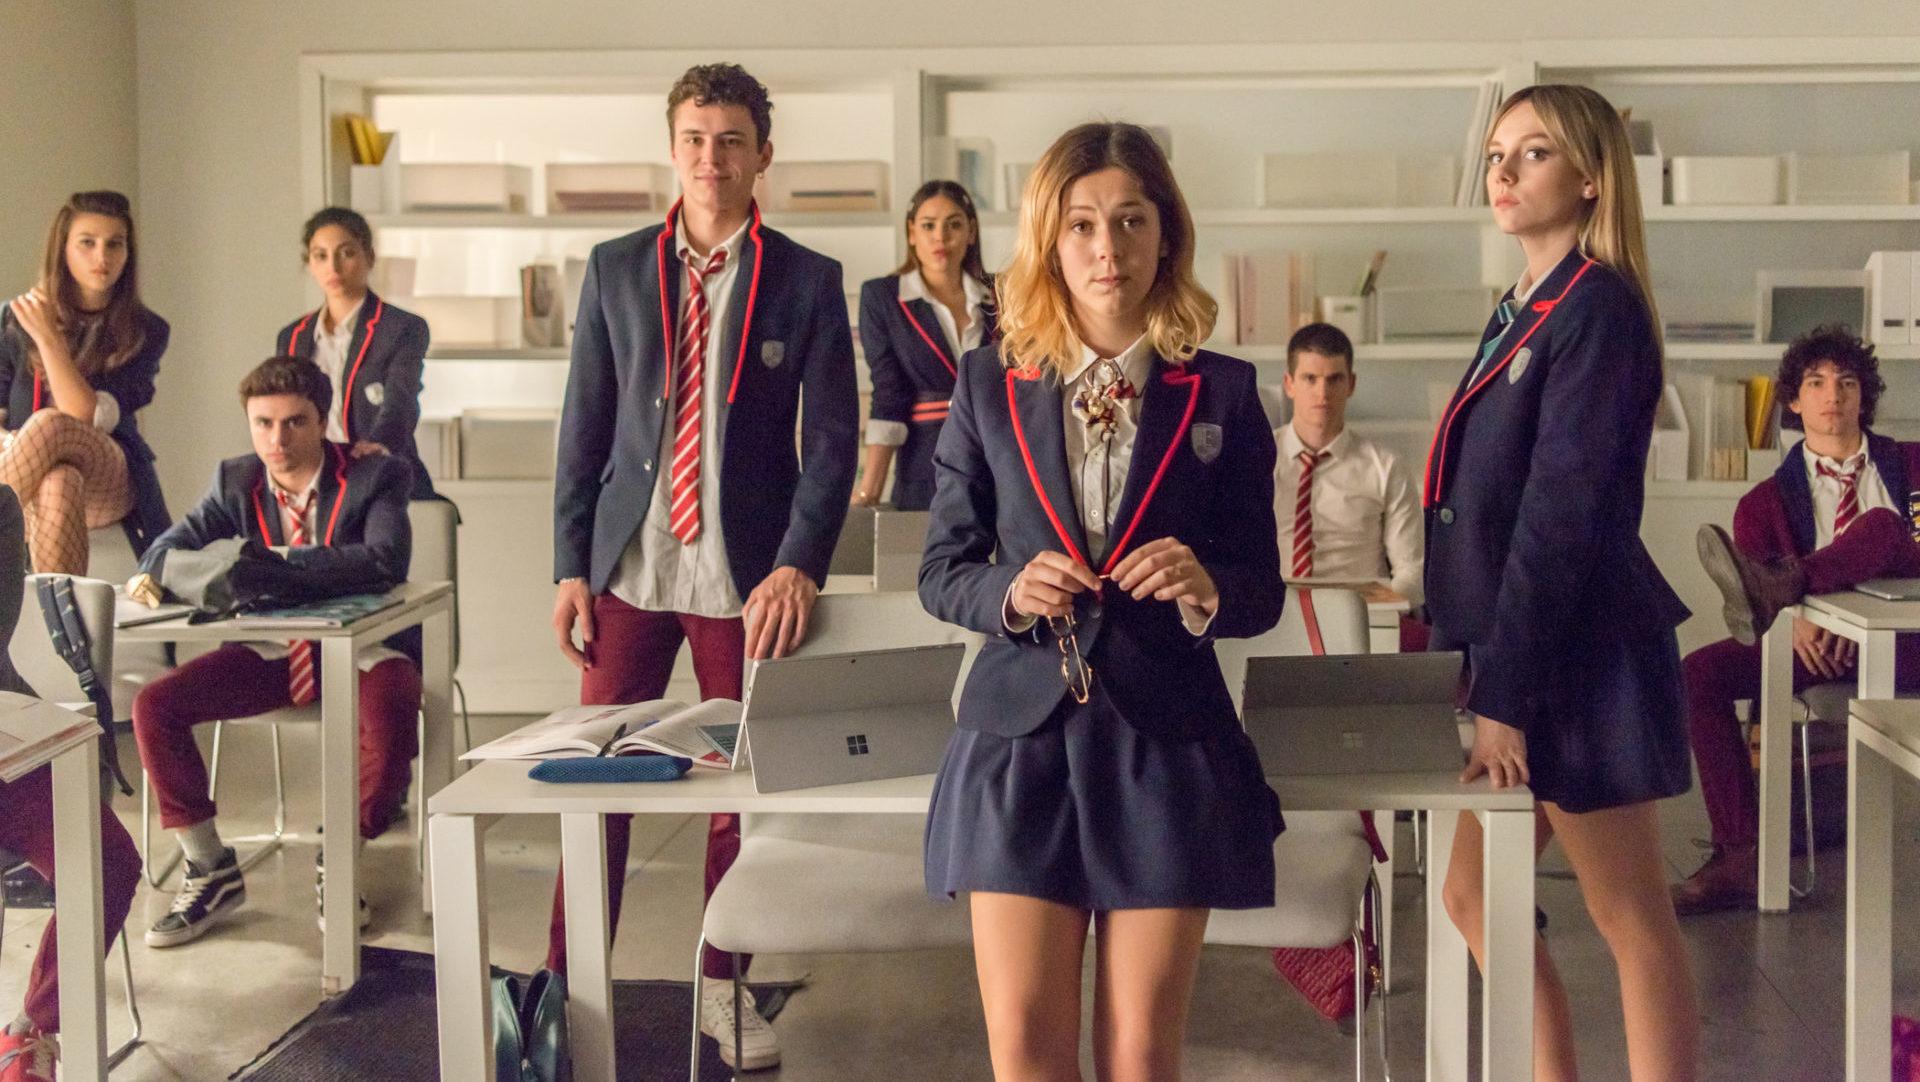 O High School Espanhol E O Drama Adolescente